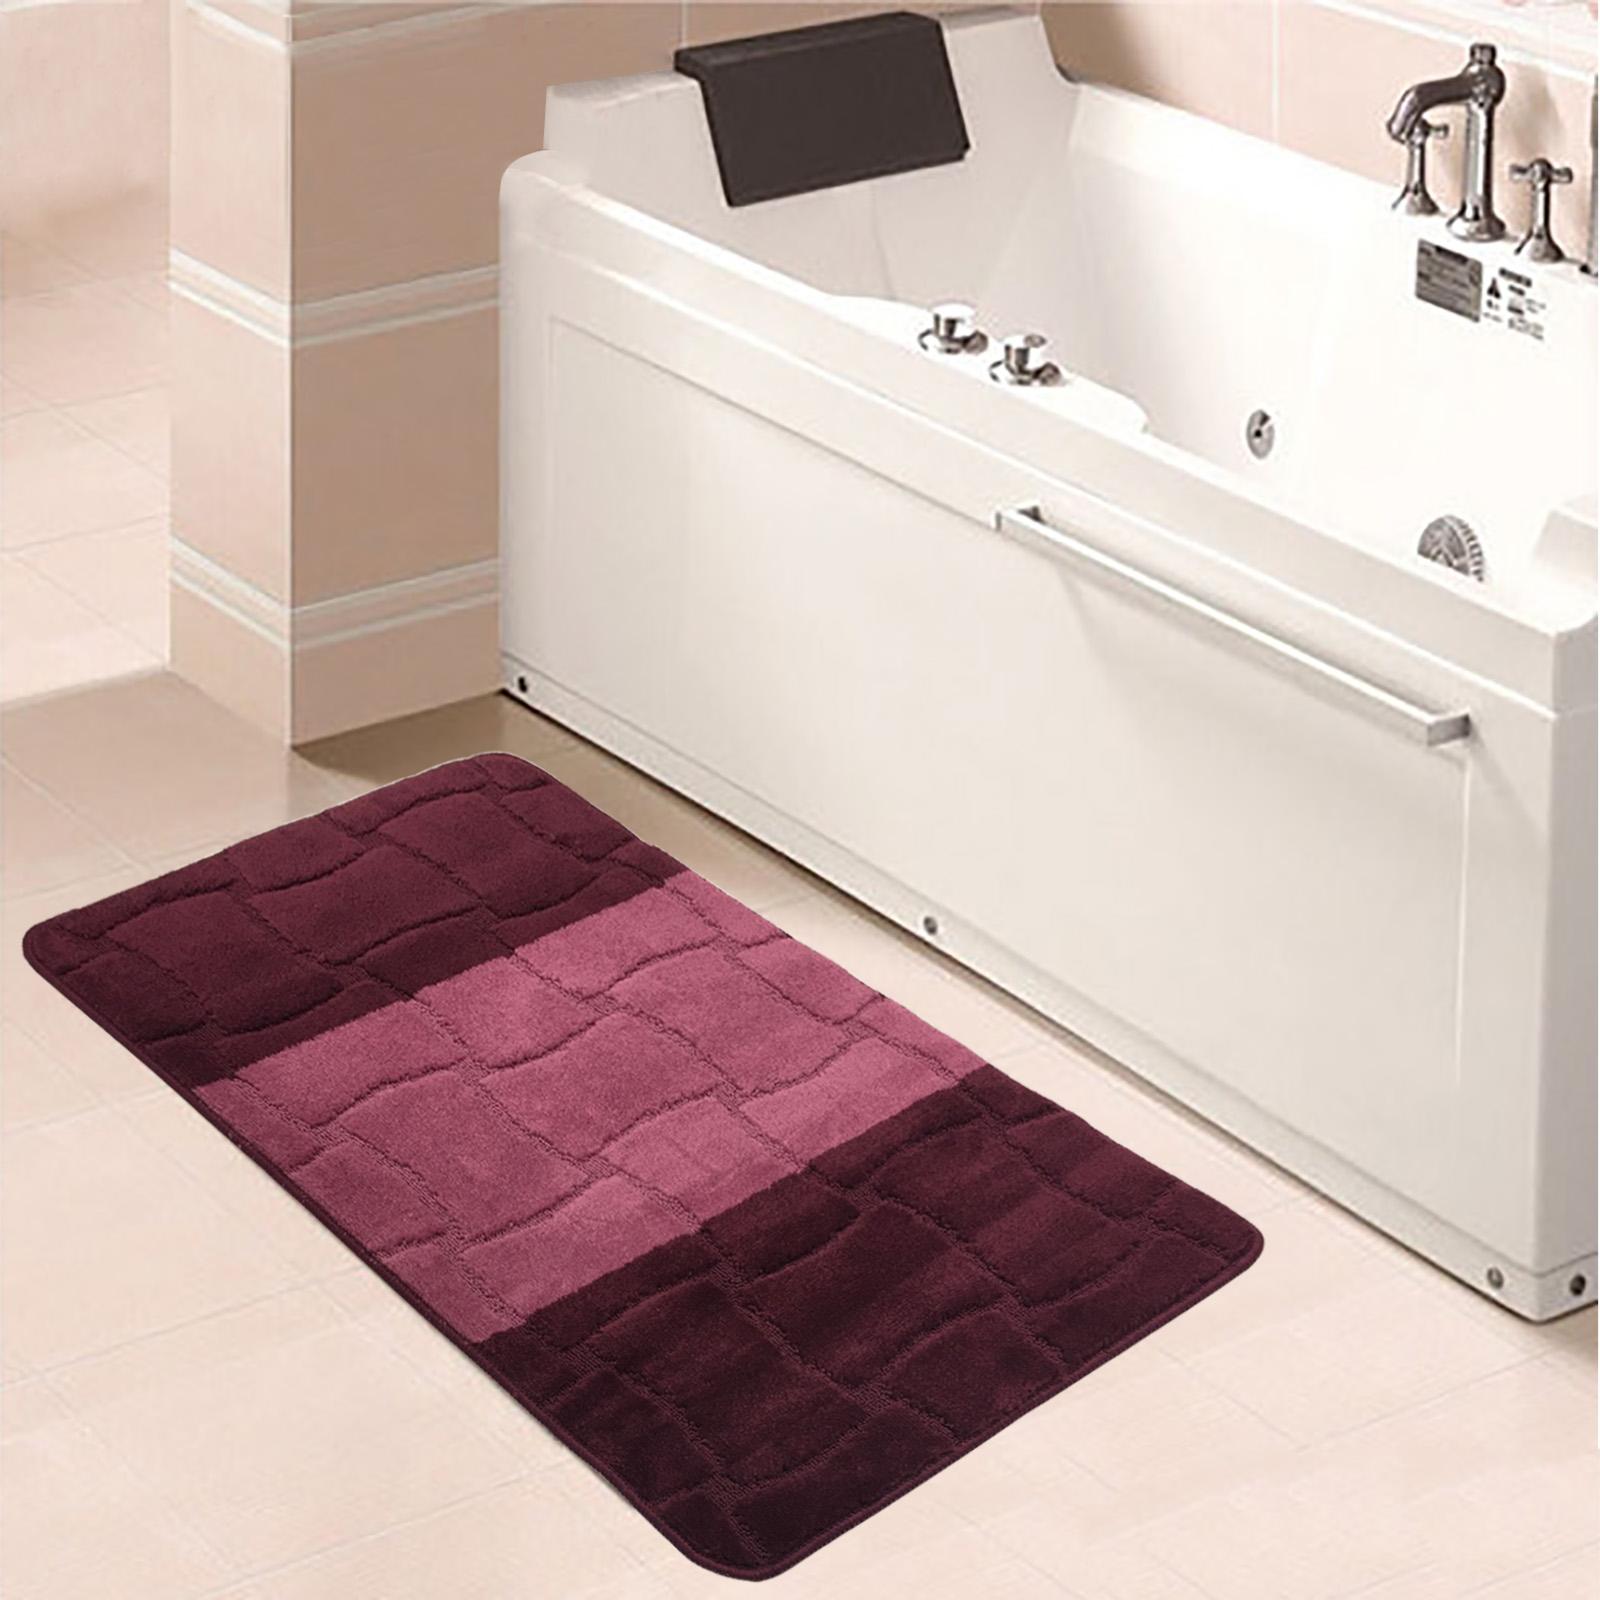 badematte badteppich badzimmer matten rutschfest 50x80. Black Bedroom Furniture Sets. Home Design Ideas